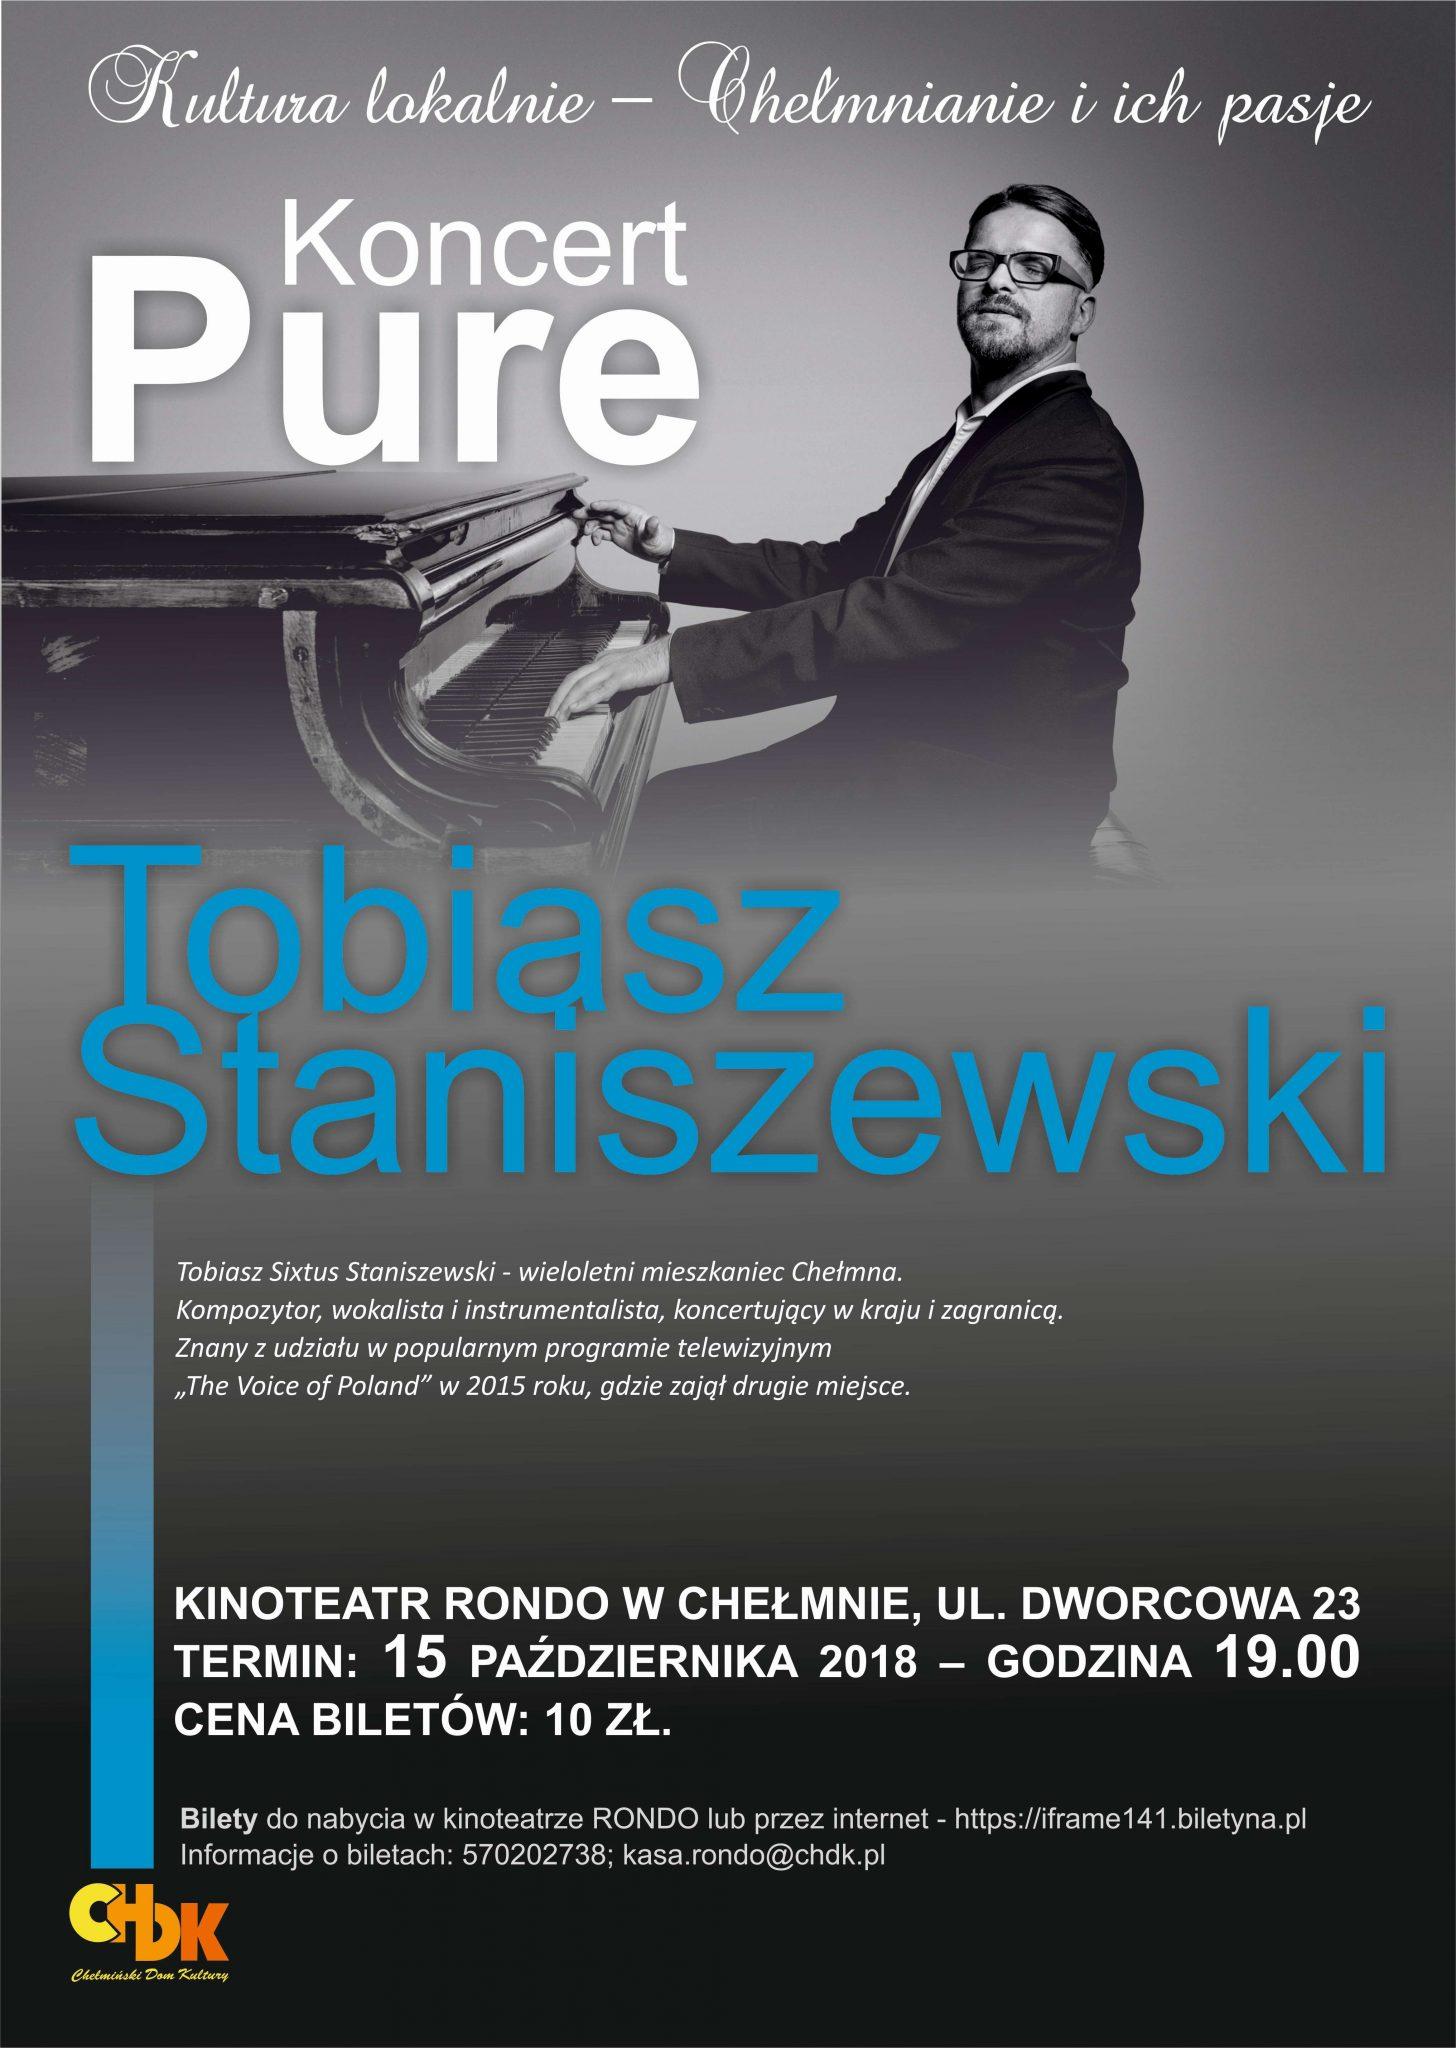 """Zapraszamy na koncert """"Pure"""" w wykonaniu Tobiasza Staniszewskiego w ramach cyklu spotkań """"Kultura lokalnie - Chełmnianie i ich pasje"""", 15 października 2018 roku."""